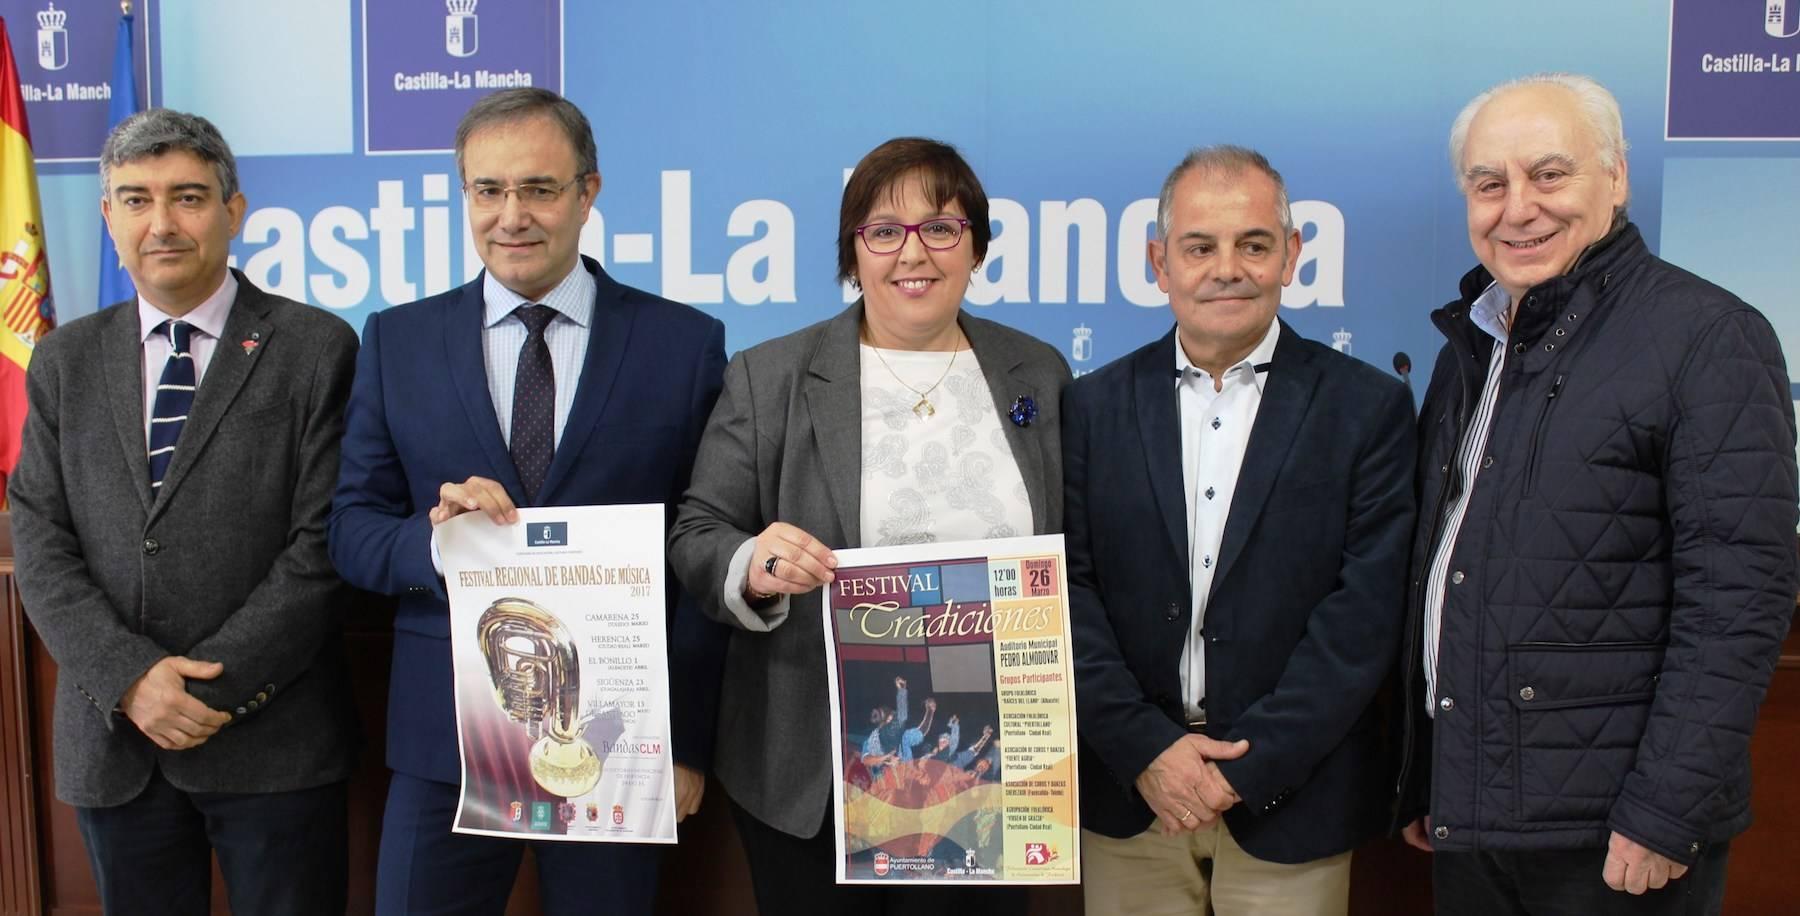 """castilla la mancha labor de difusion cultural 1 - El Gobierno de Castilla-La Mancha reconocerá la """"labor de difusión cultural"""" que realizan las bandas de música y los grupos folclóricos"""